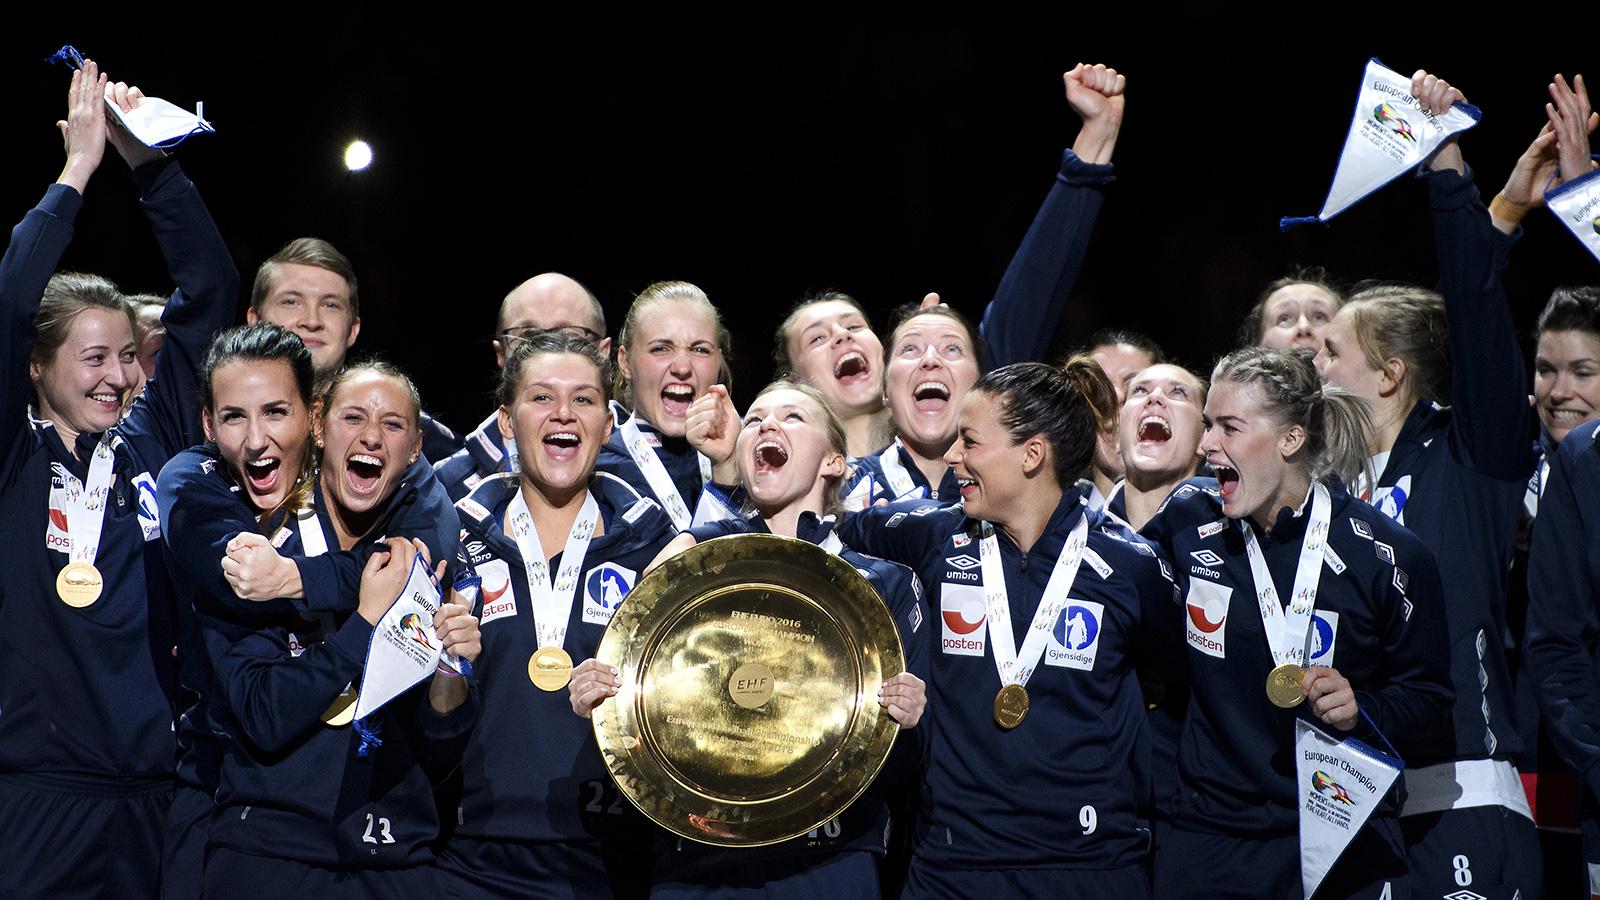 Svenska damer och herrar i em final